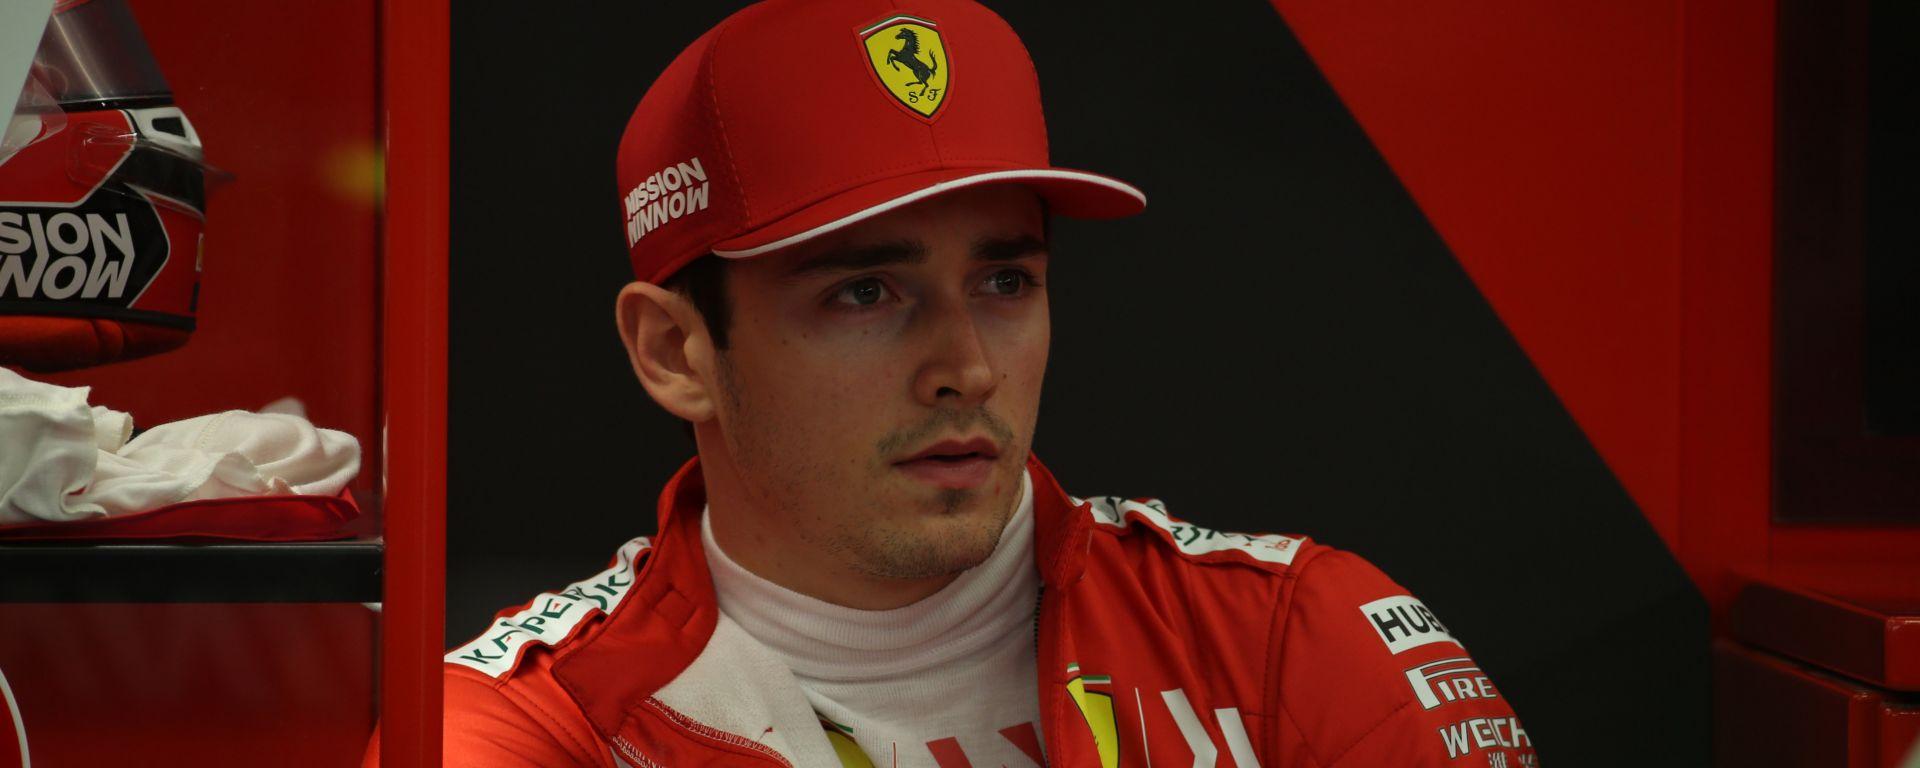 GP Bahrain 2019, Charles Leclerc (Ferrari)